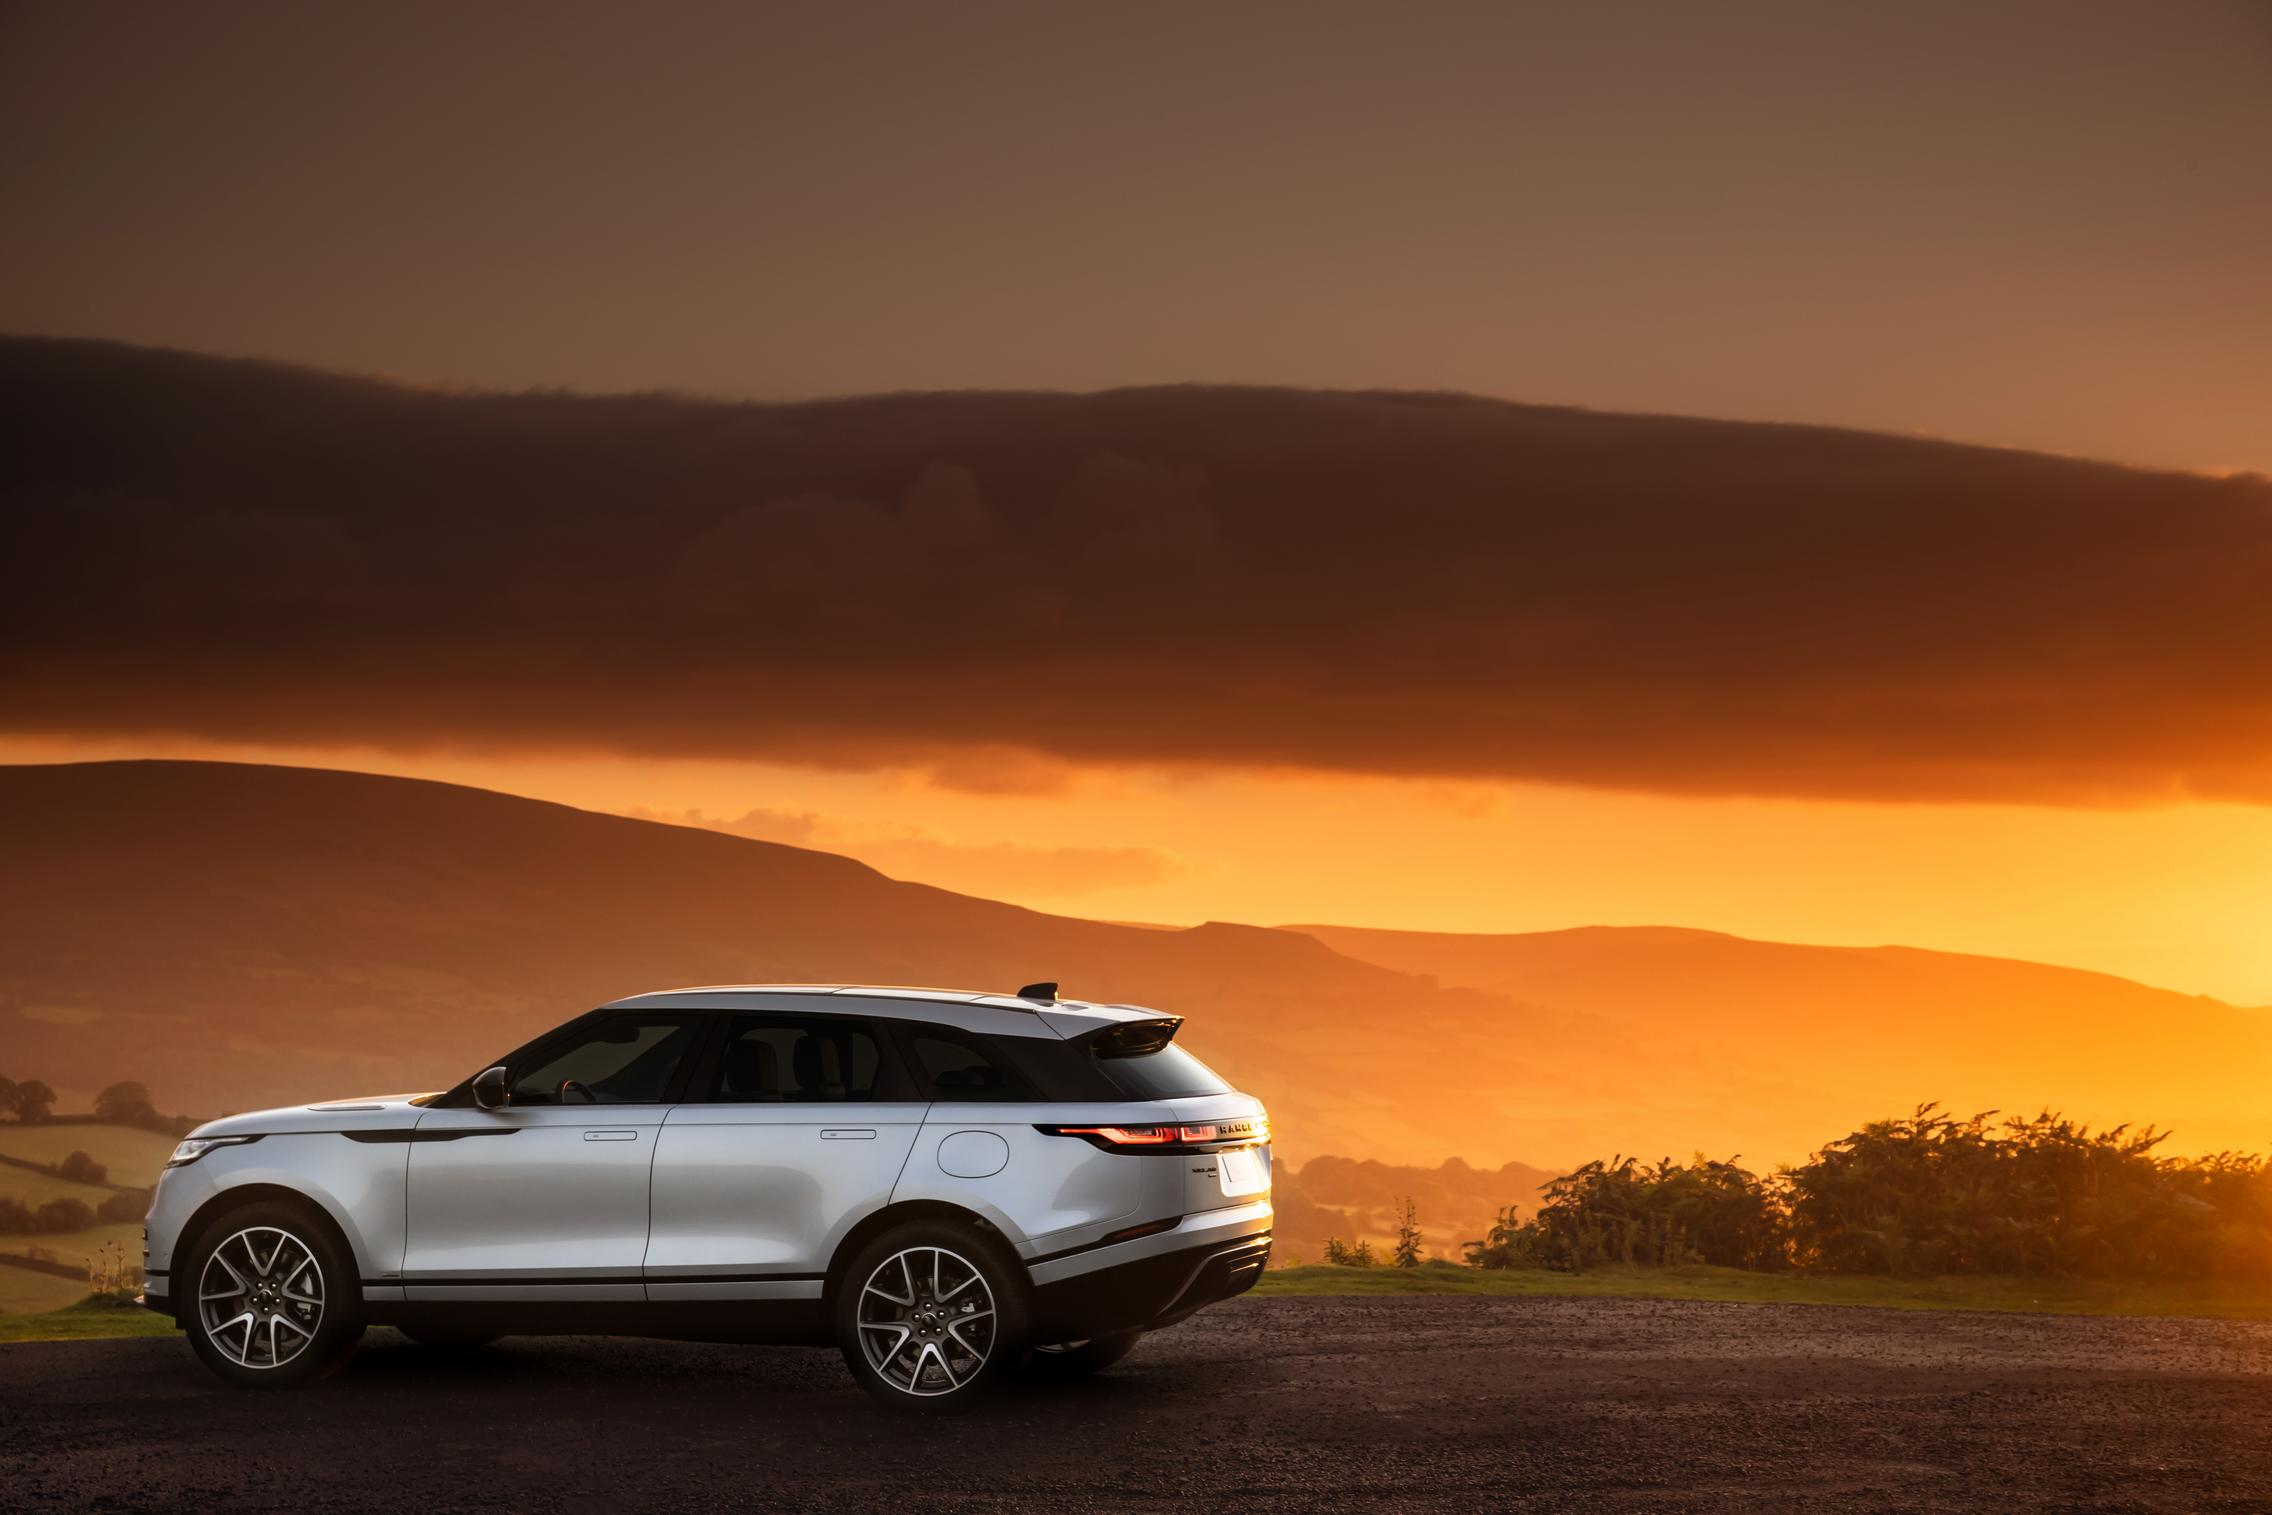 2021 Range Rover Velar Wallpaper